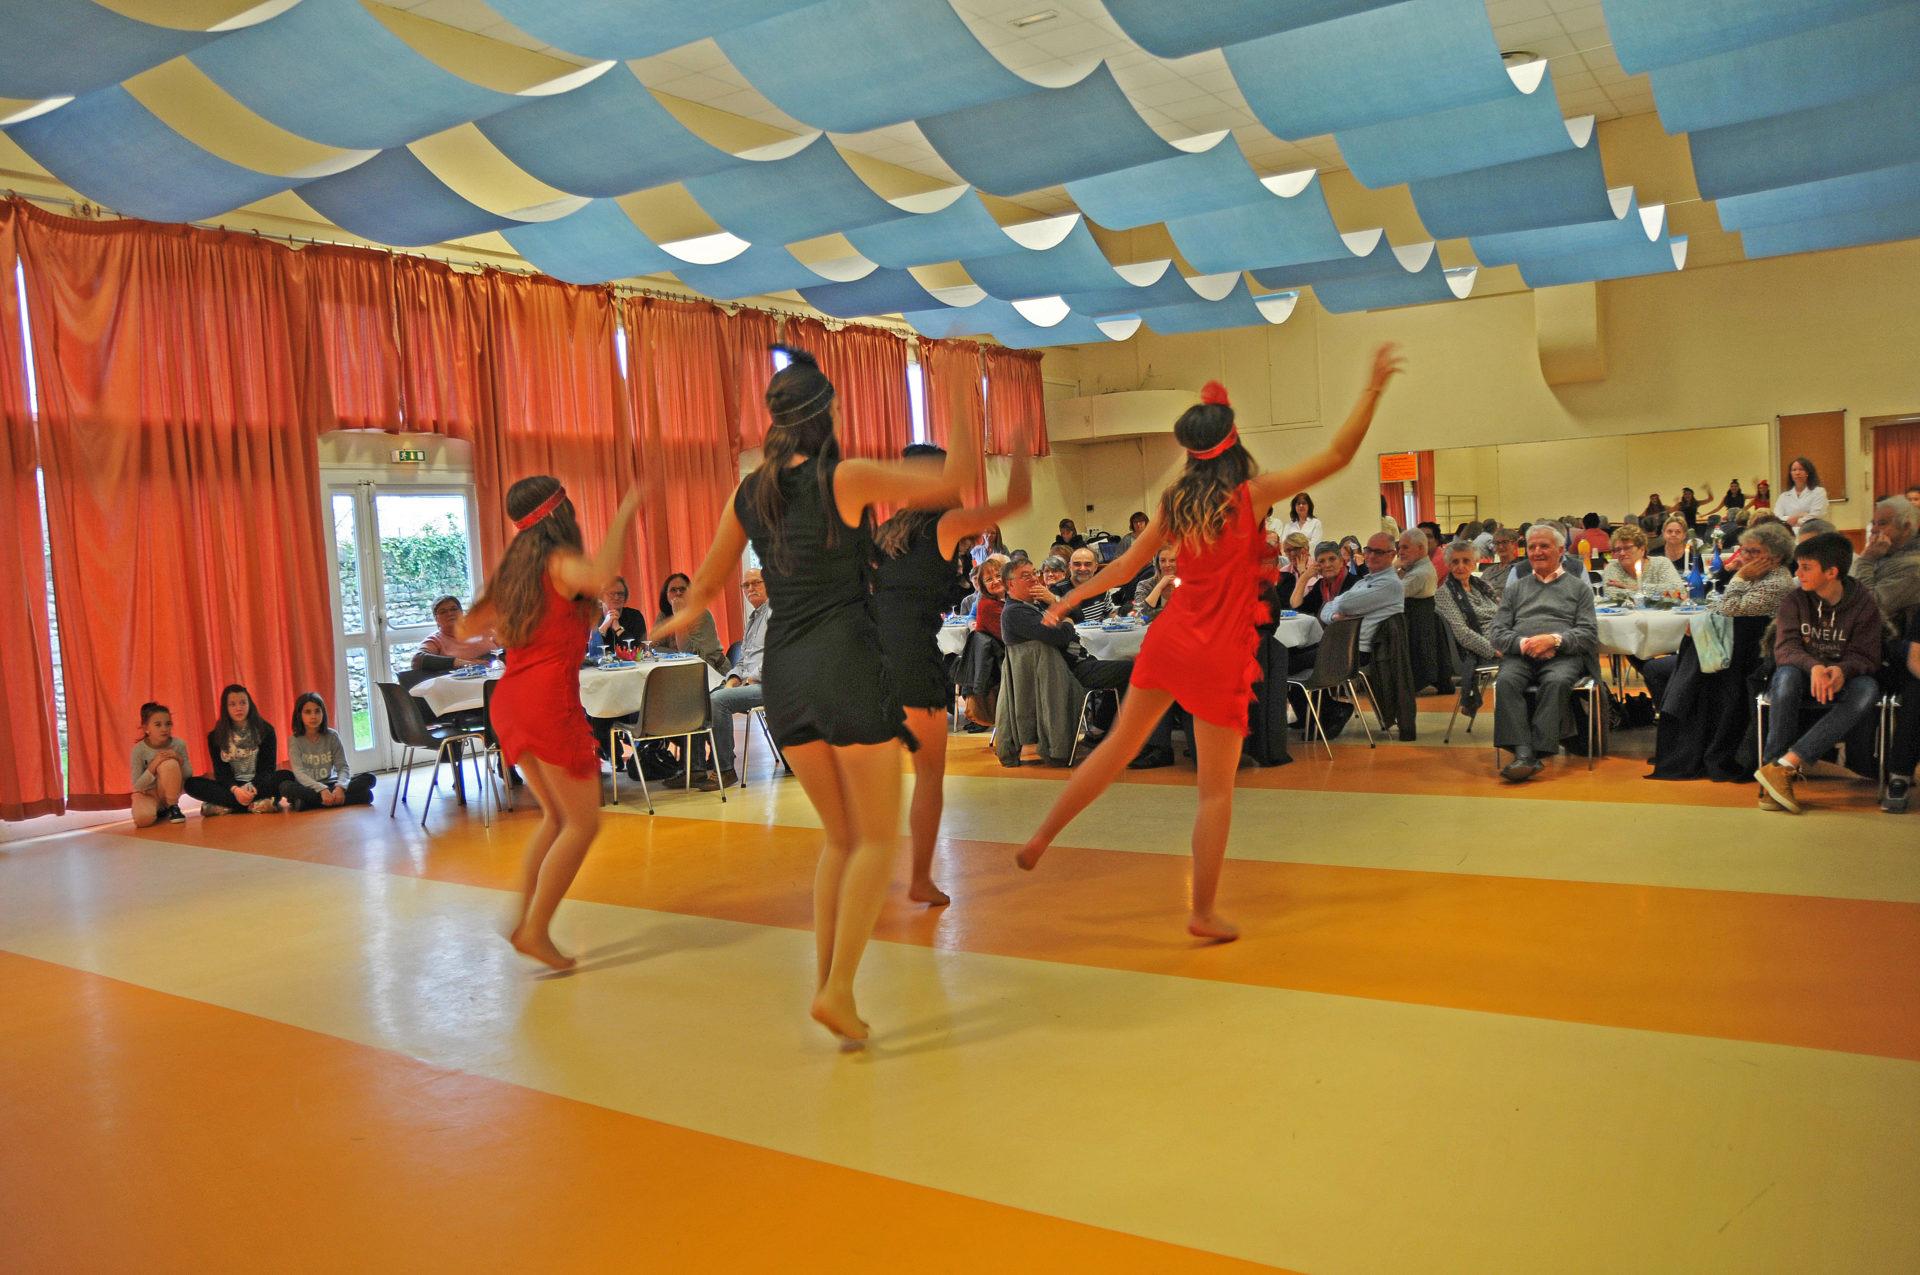 Galette du CCAS avec les danseuses de l'Atelier danse du Foyer rural 2018